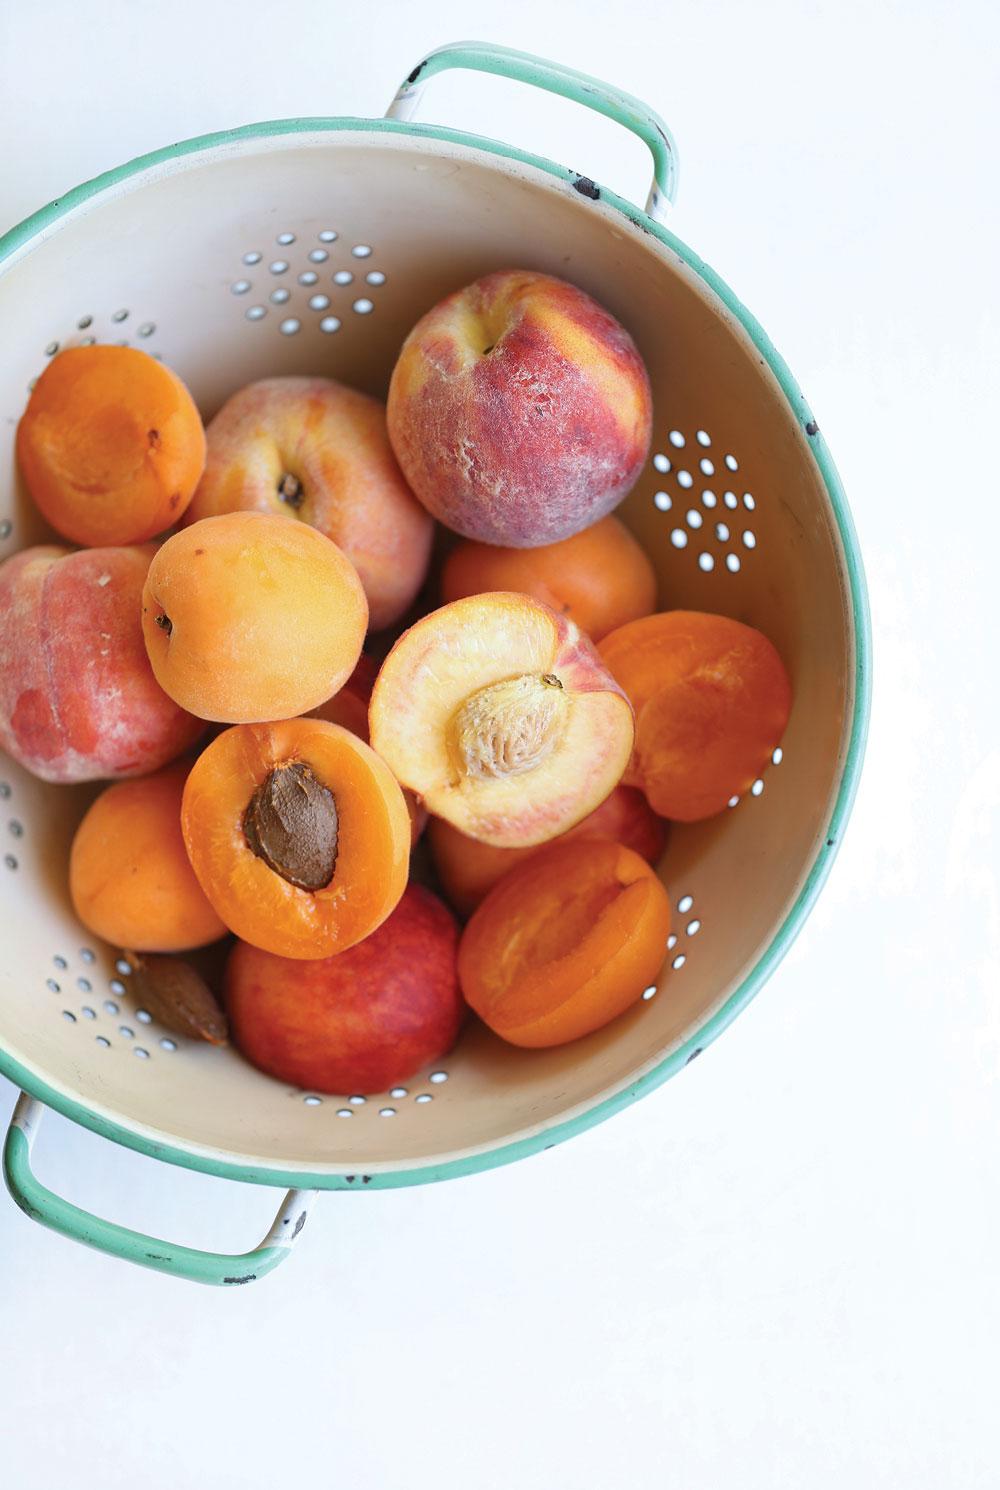 Grain-Free-Peach-Apricot-Crisp-Crumble-Pure-Ella-Leche2